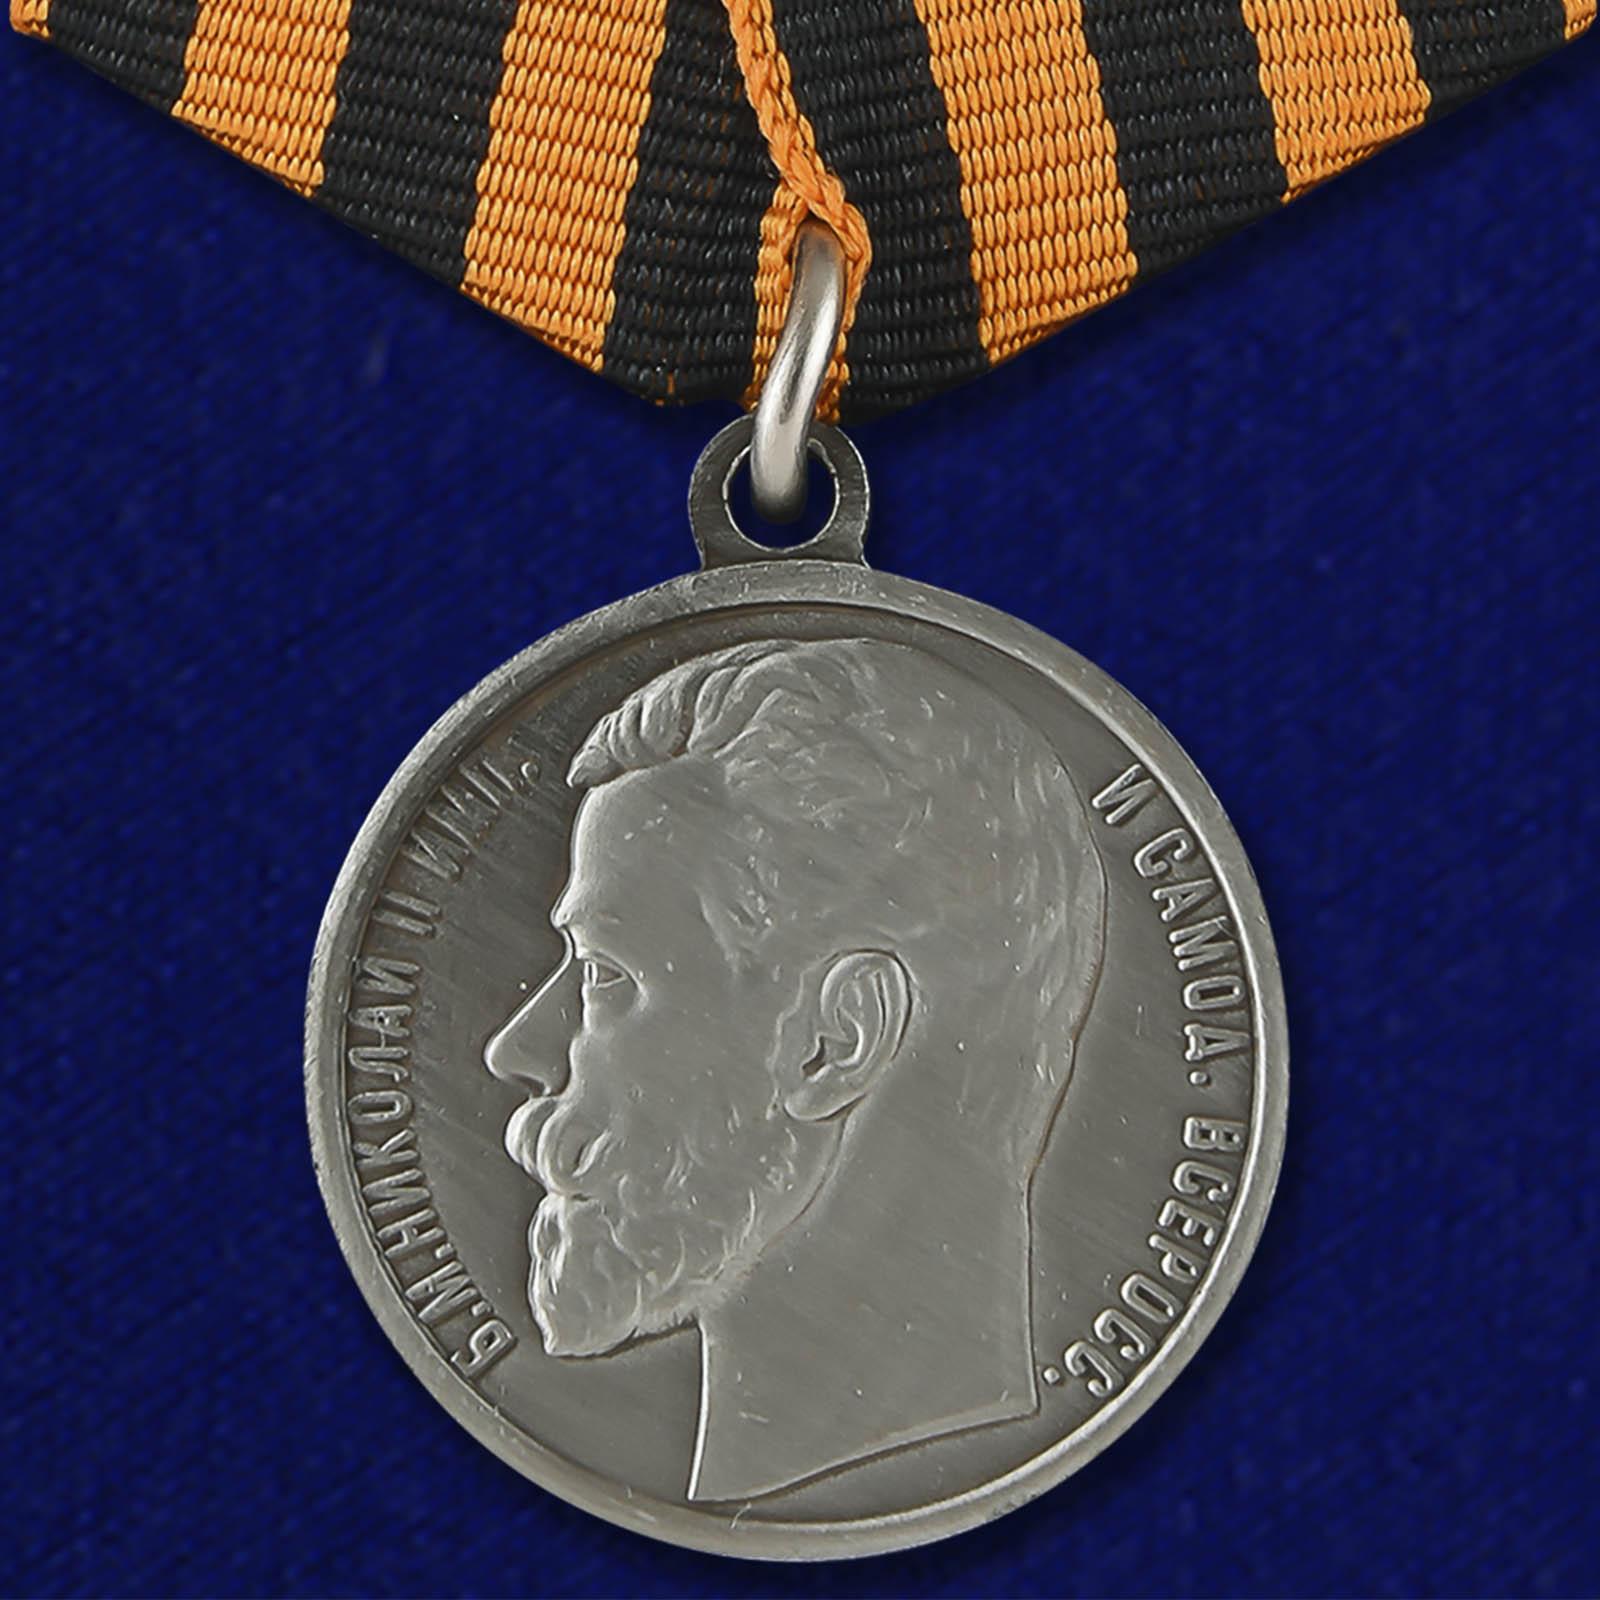 Георгиевская медаль «За храбрость» 4 степени (Николай 2)